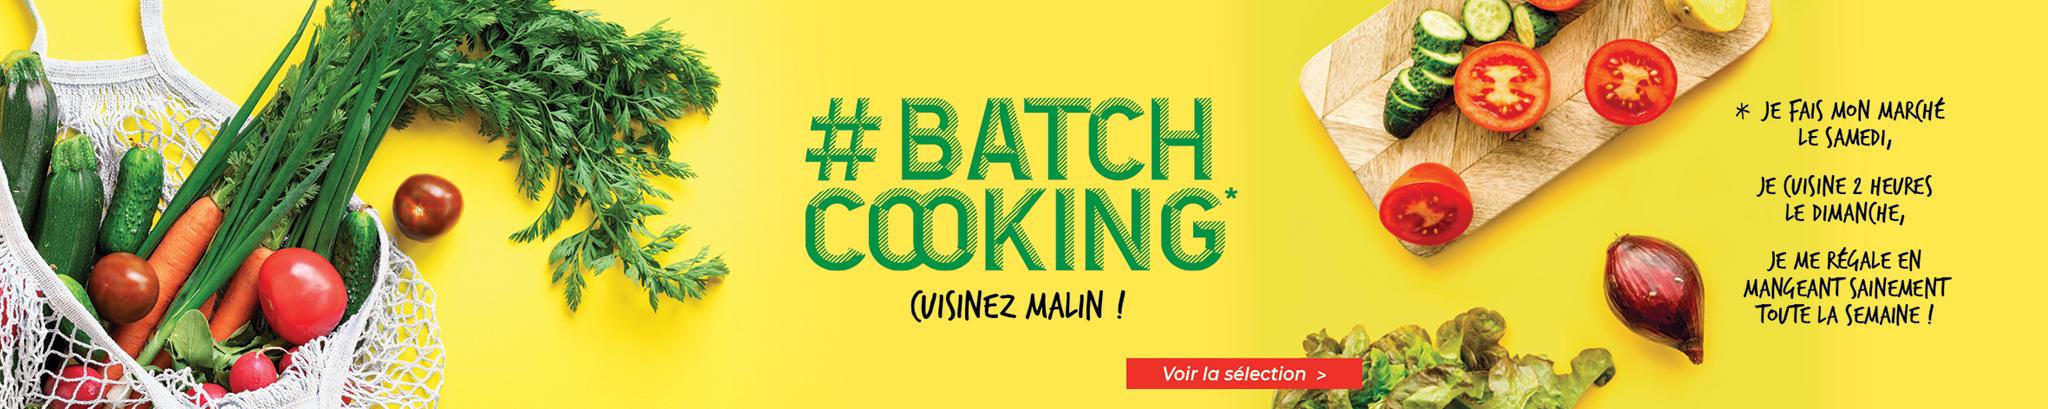 #batchcooking : cuisinez malin !